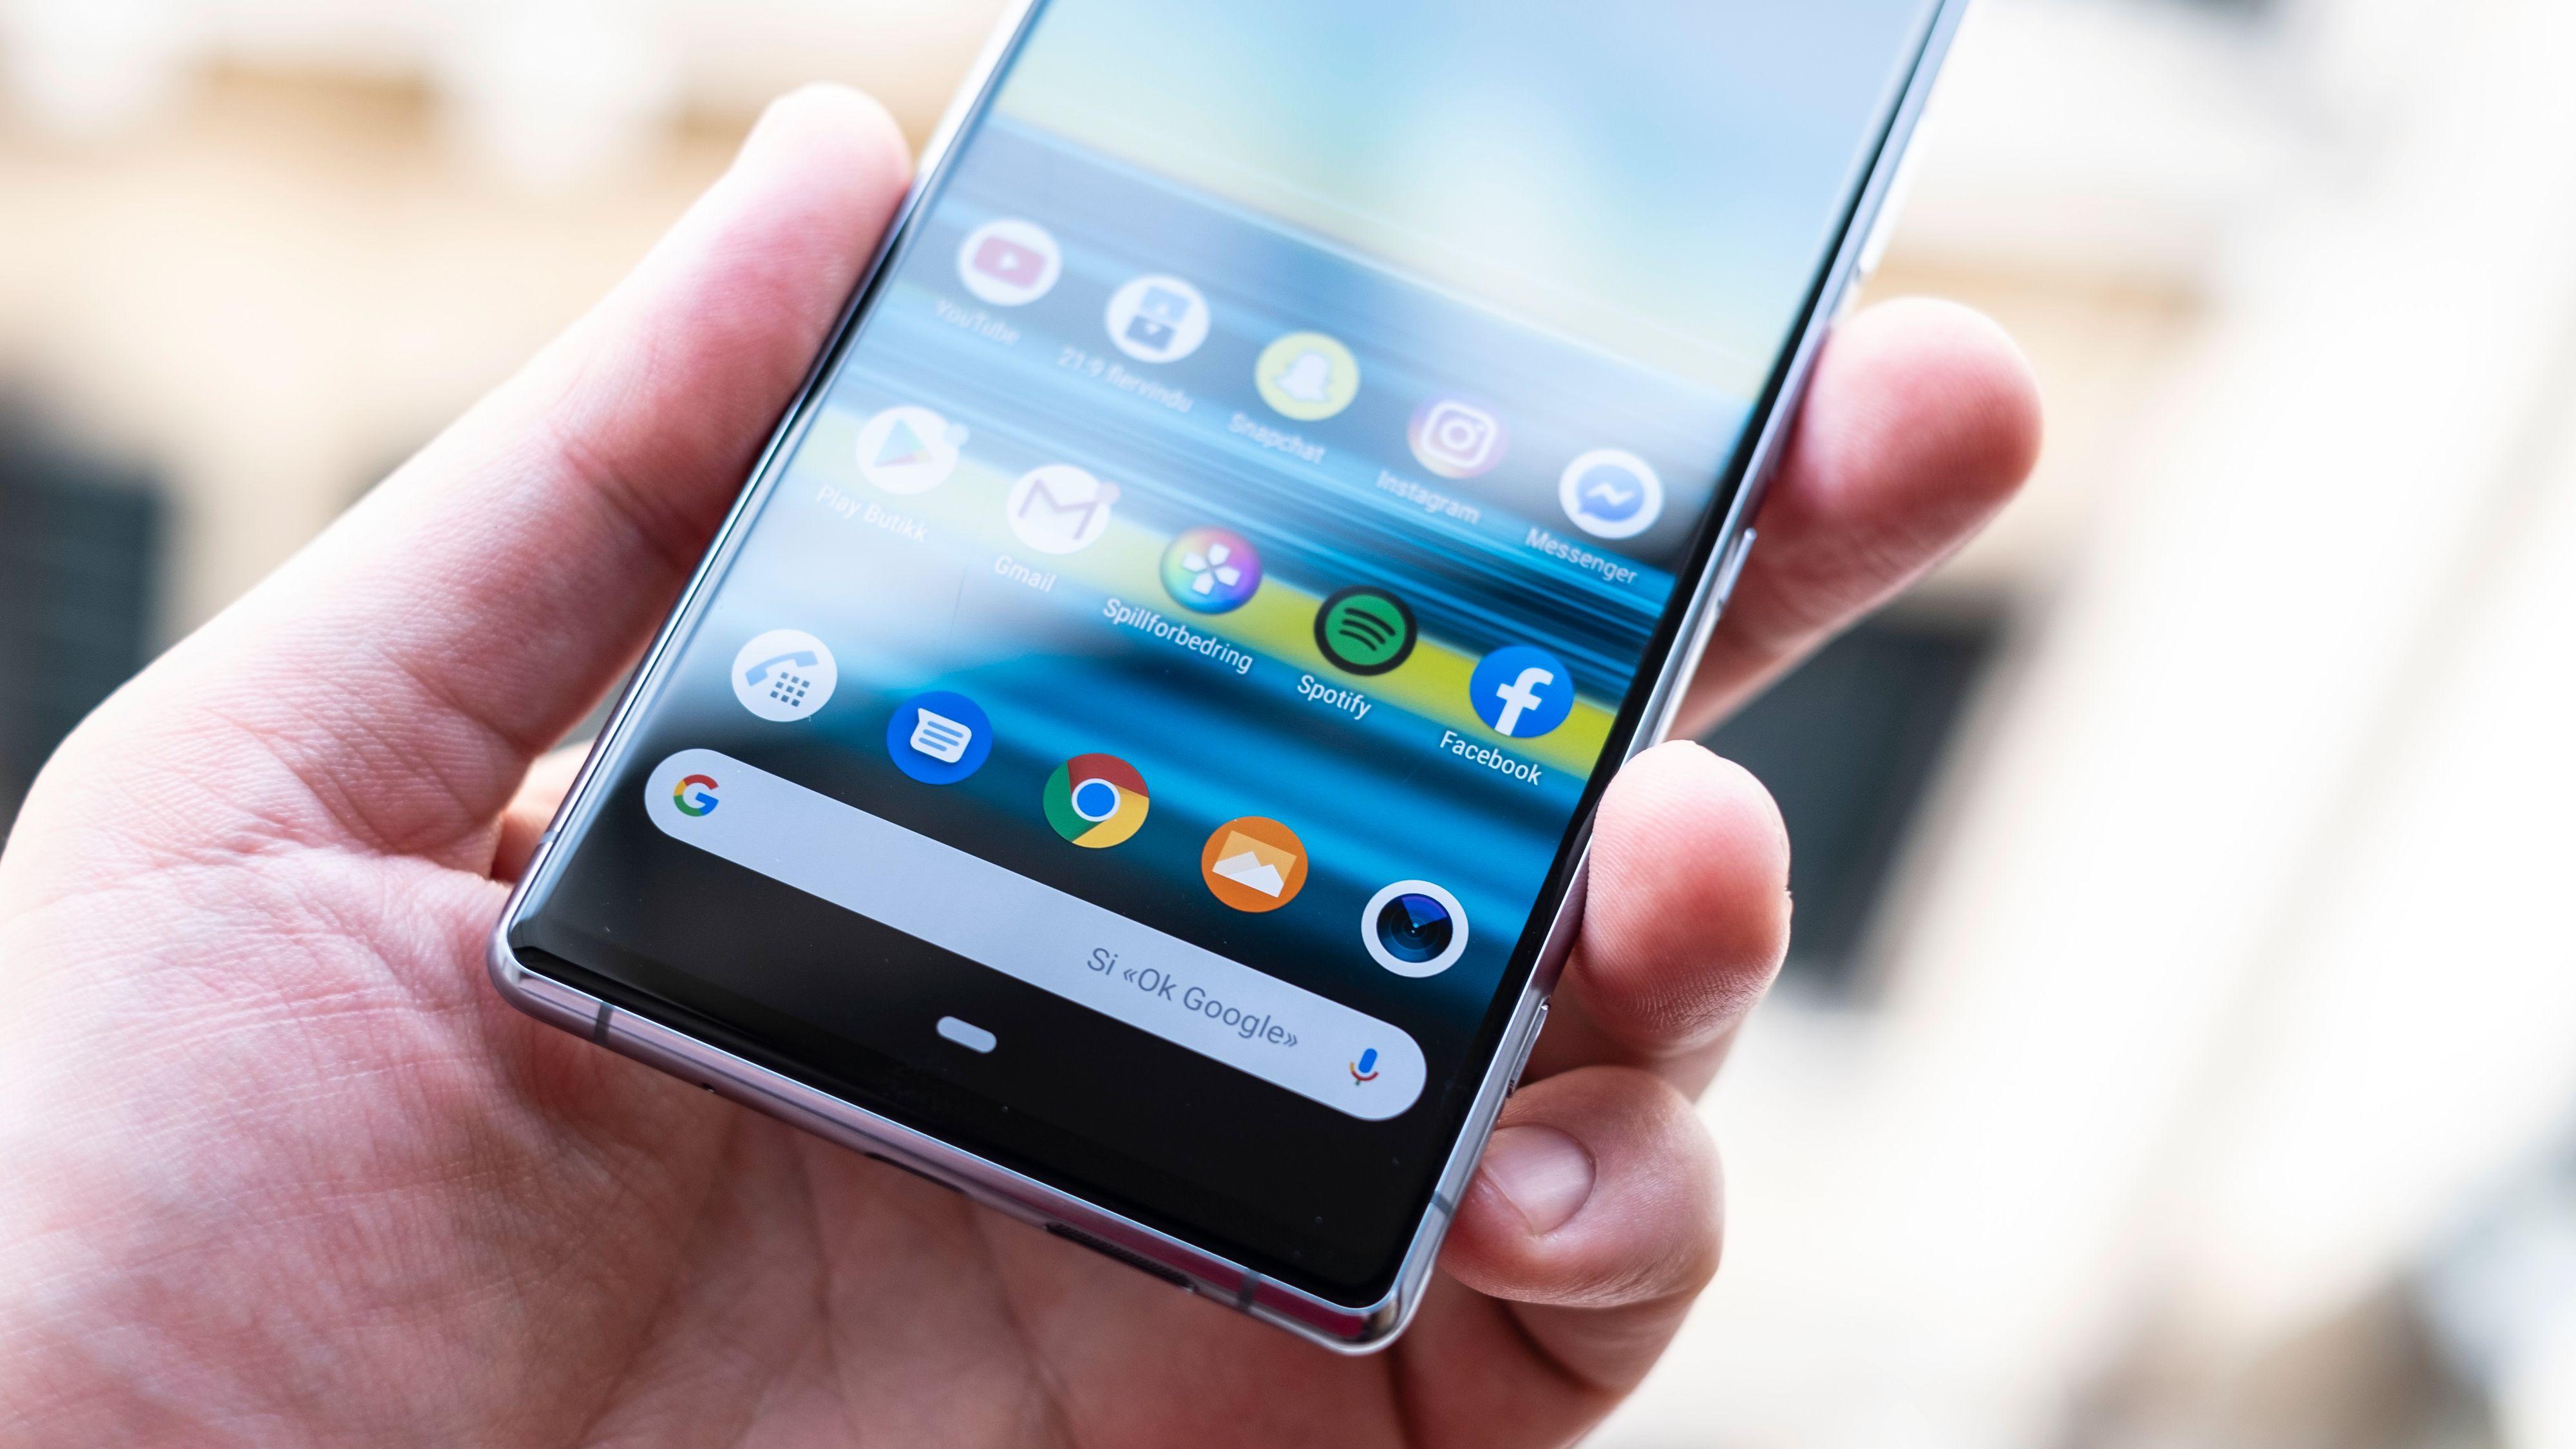 Xperia 1 har stereohøyttalere, men det meste av lyden kommer fra bunnen av telefonen. Det låter kvalitetsmessig greit, men både Samsung og Apple gir antydninger til bass i lyden sin. Det gjør ikke Sony.